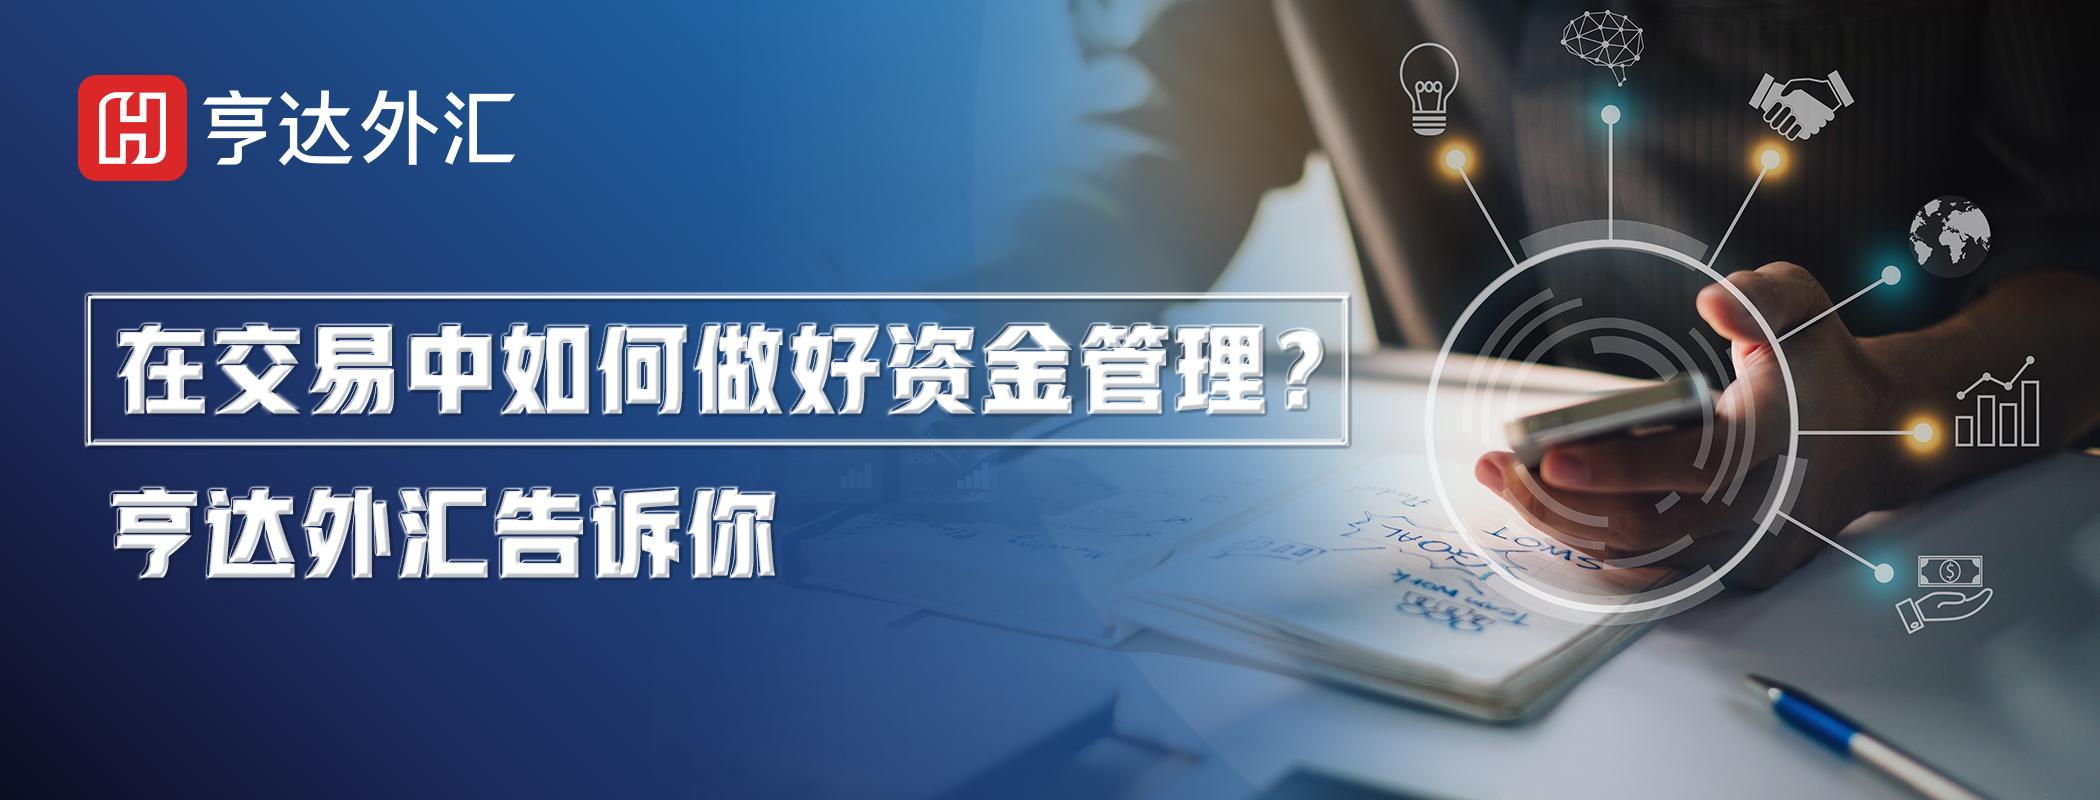 在交易中如何做好资金管理?-logo.jpg